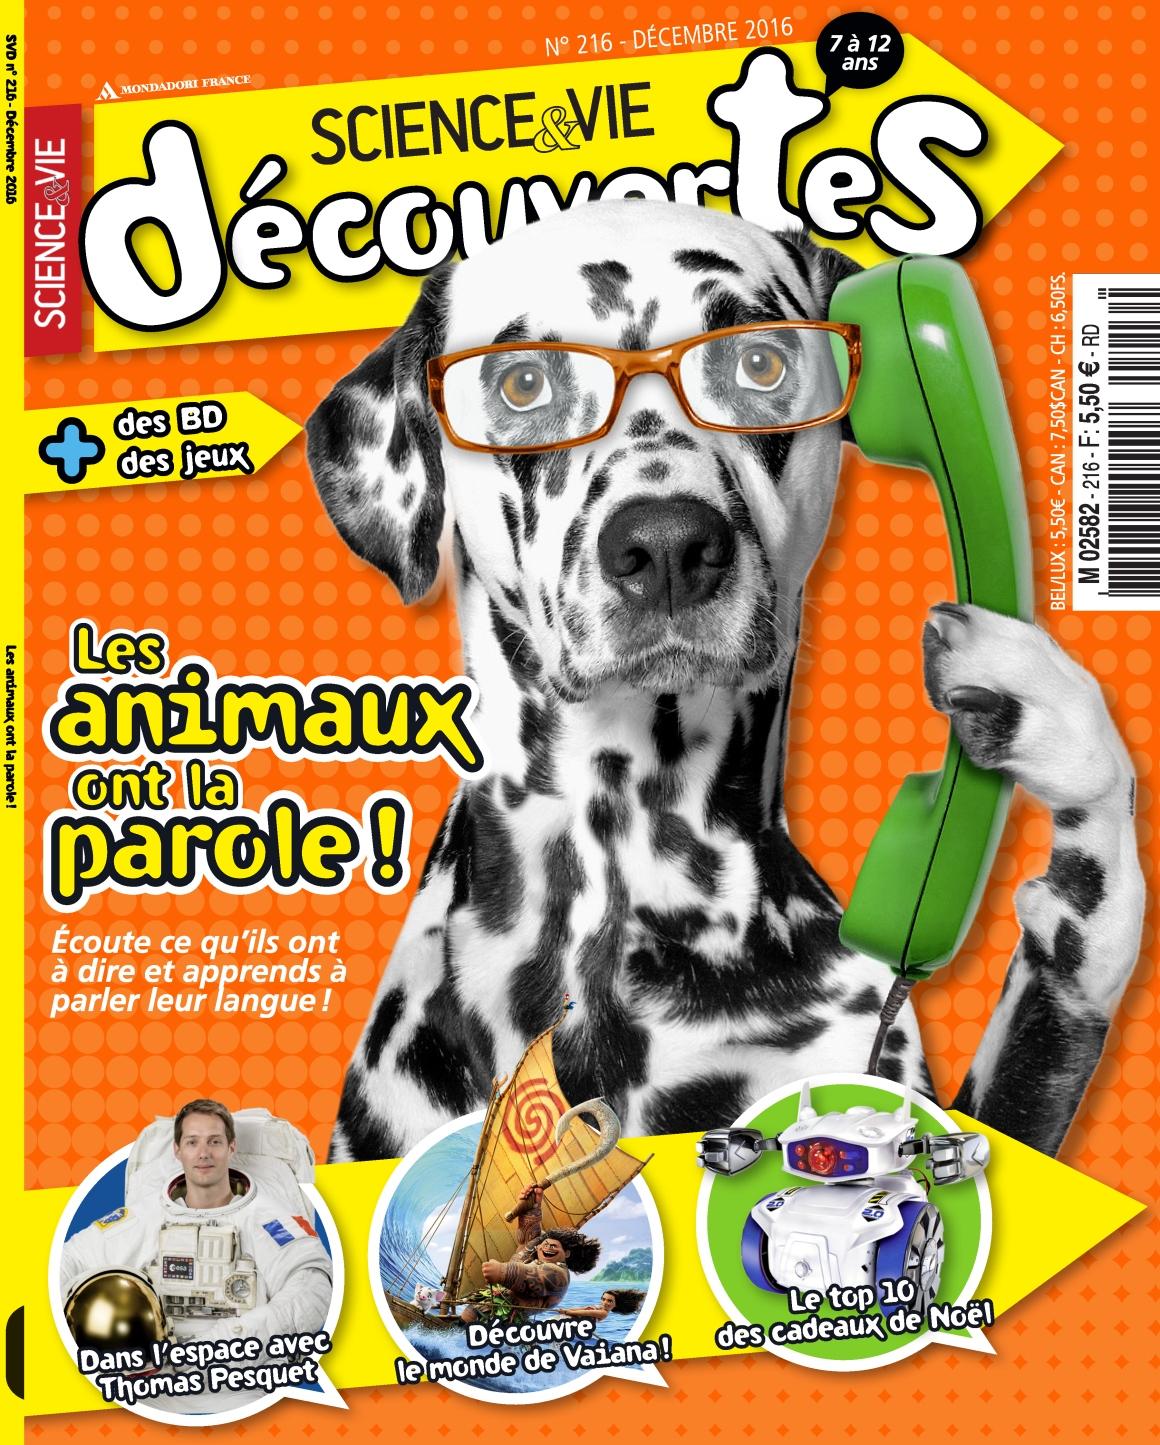 Science & Vie Découvertes 216 - Décembre 2016